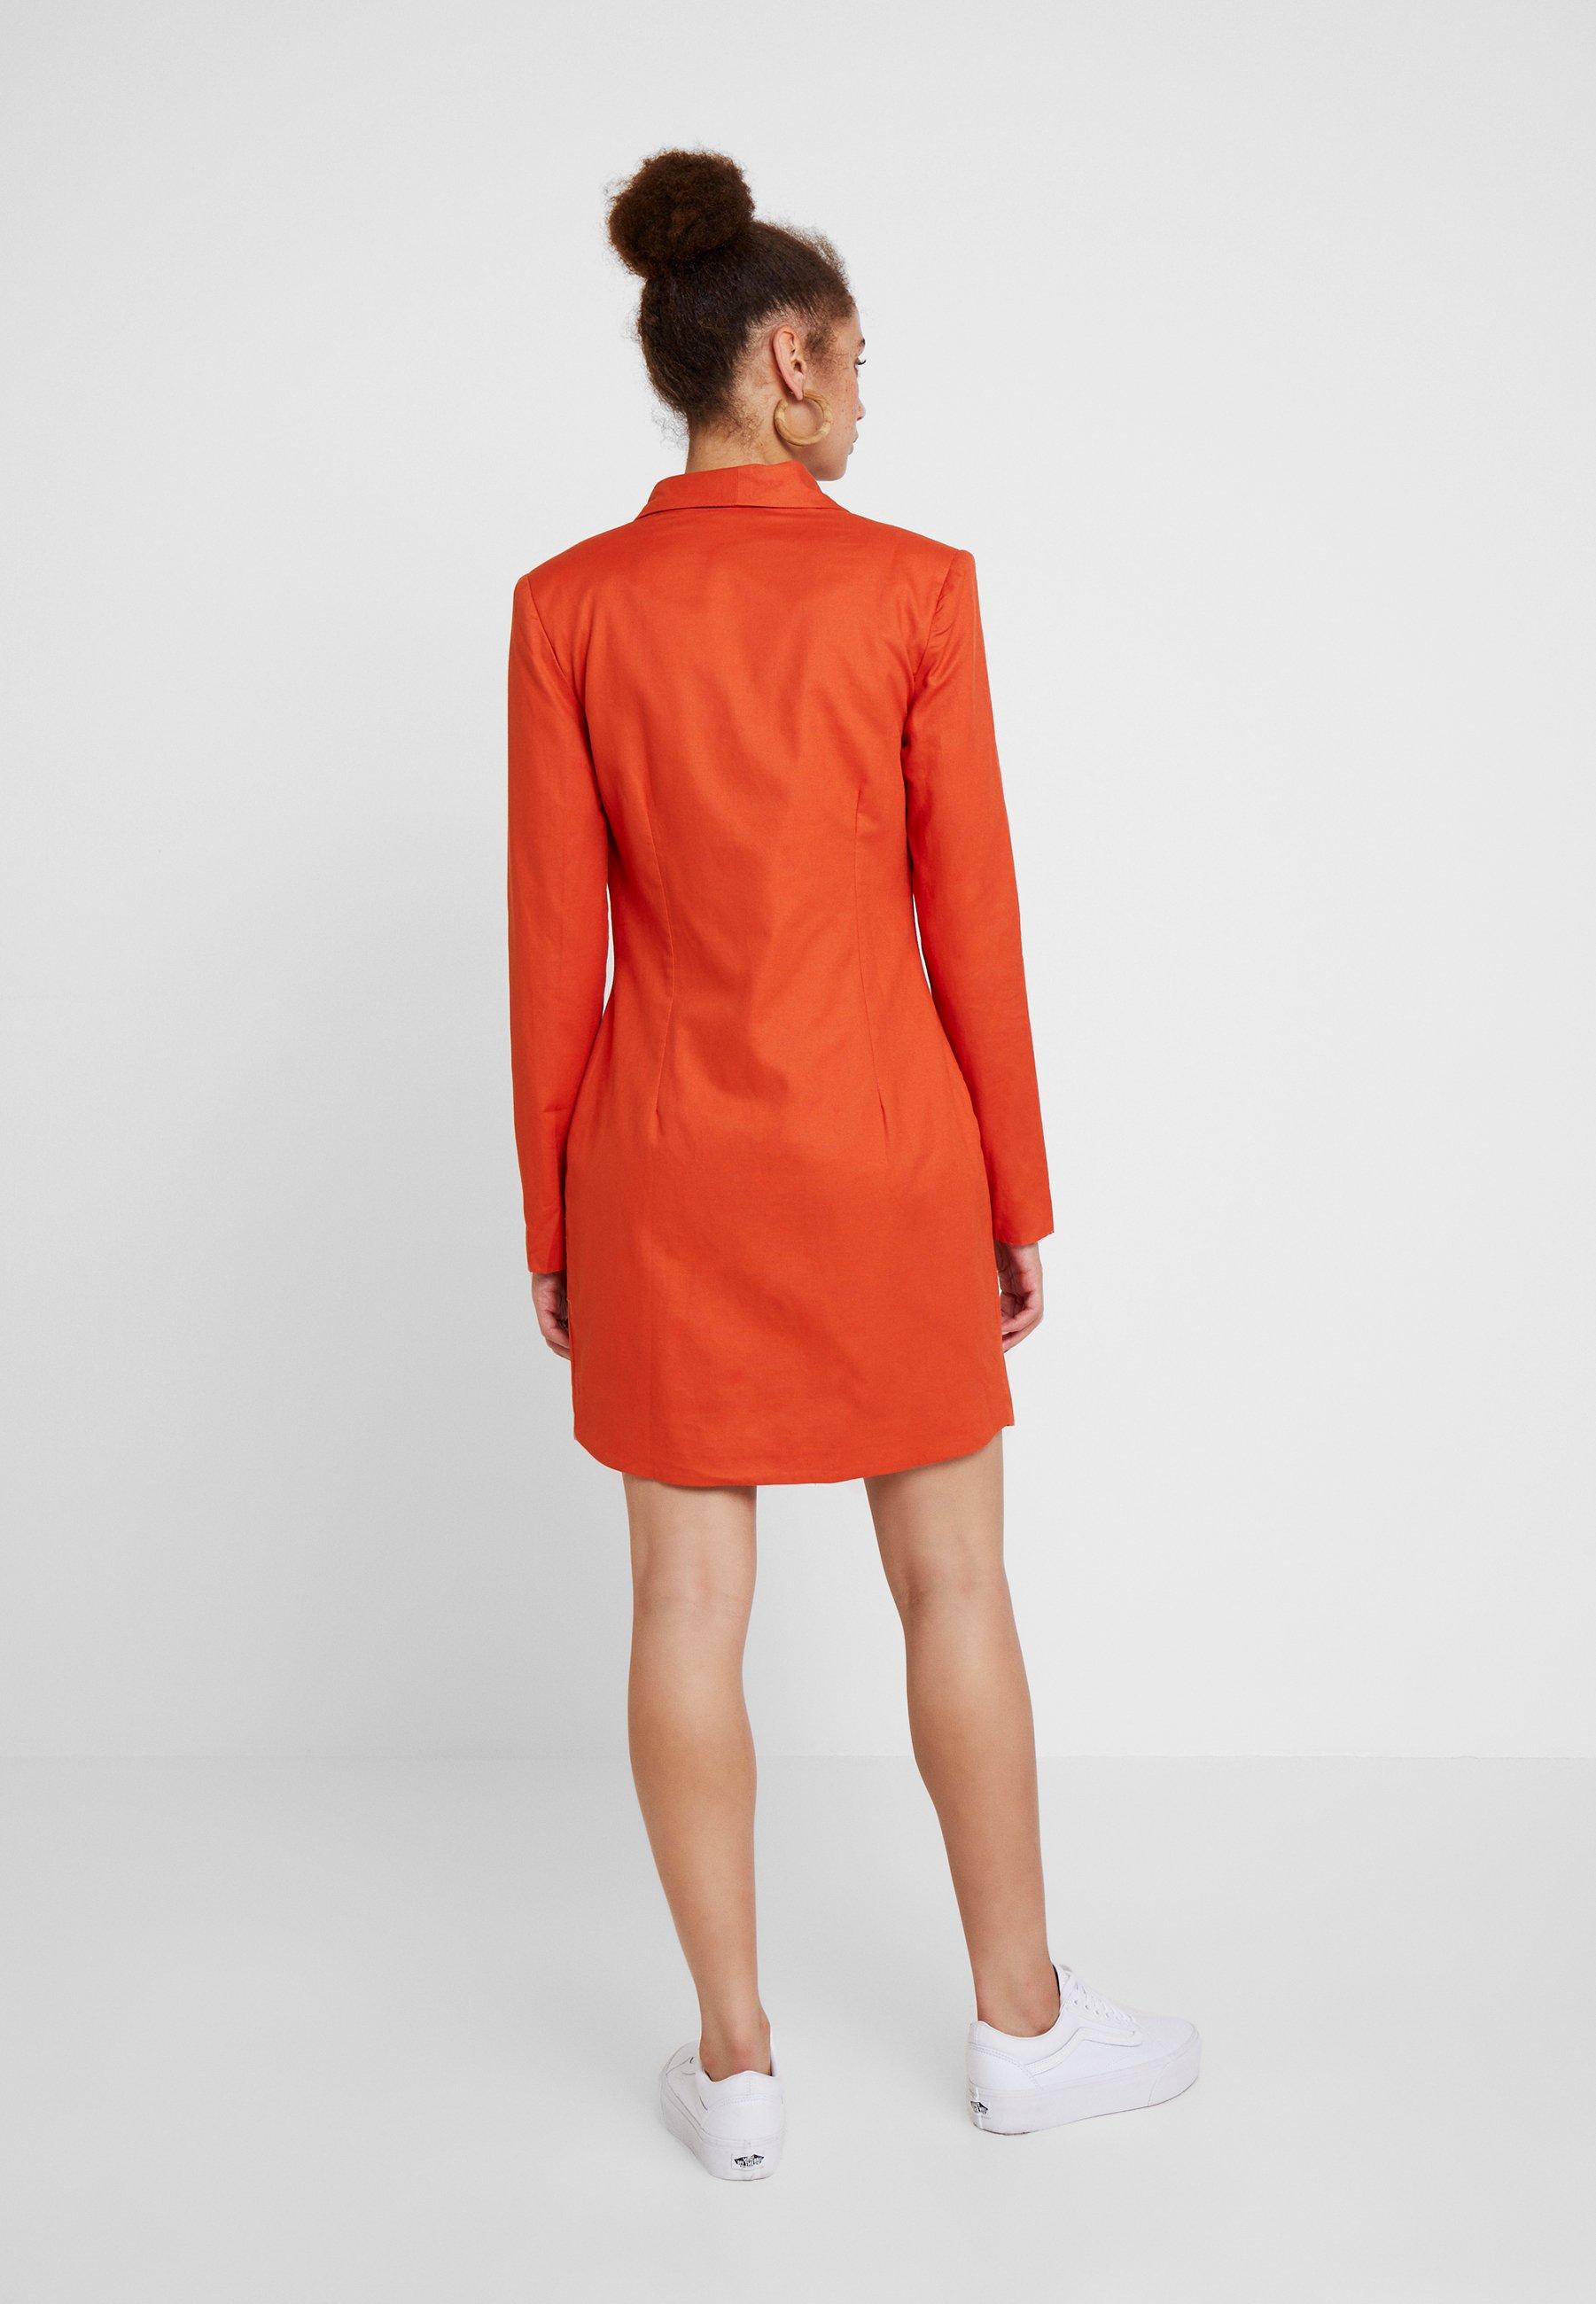 Asymmetric Breasted Orange 21 Blazer Chemise Unique Double DressRobe qVGUzMSp